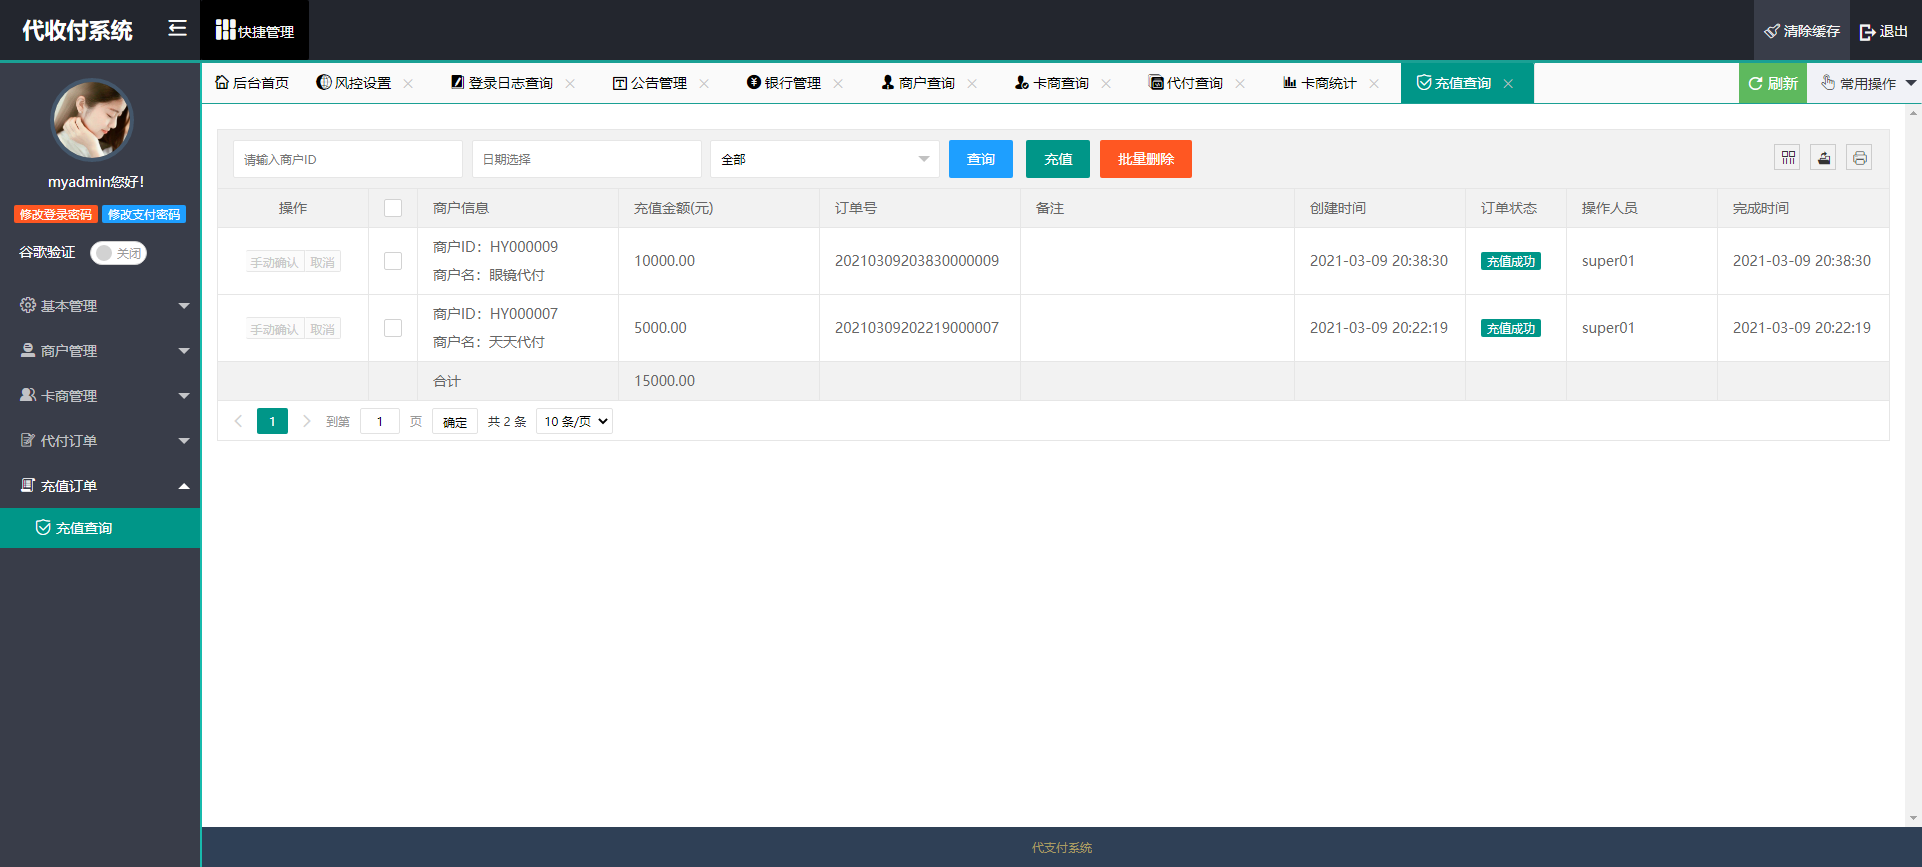 亲测丨支付源码代收付系统手工代付平台源码下载